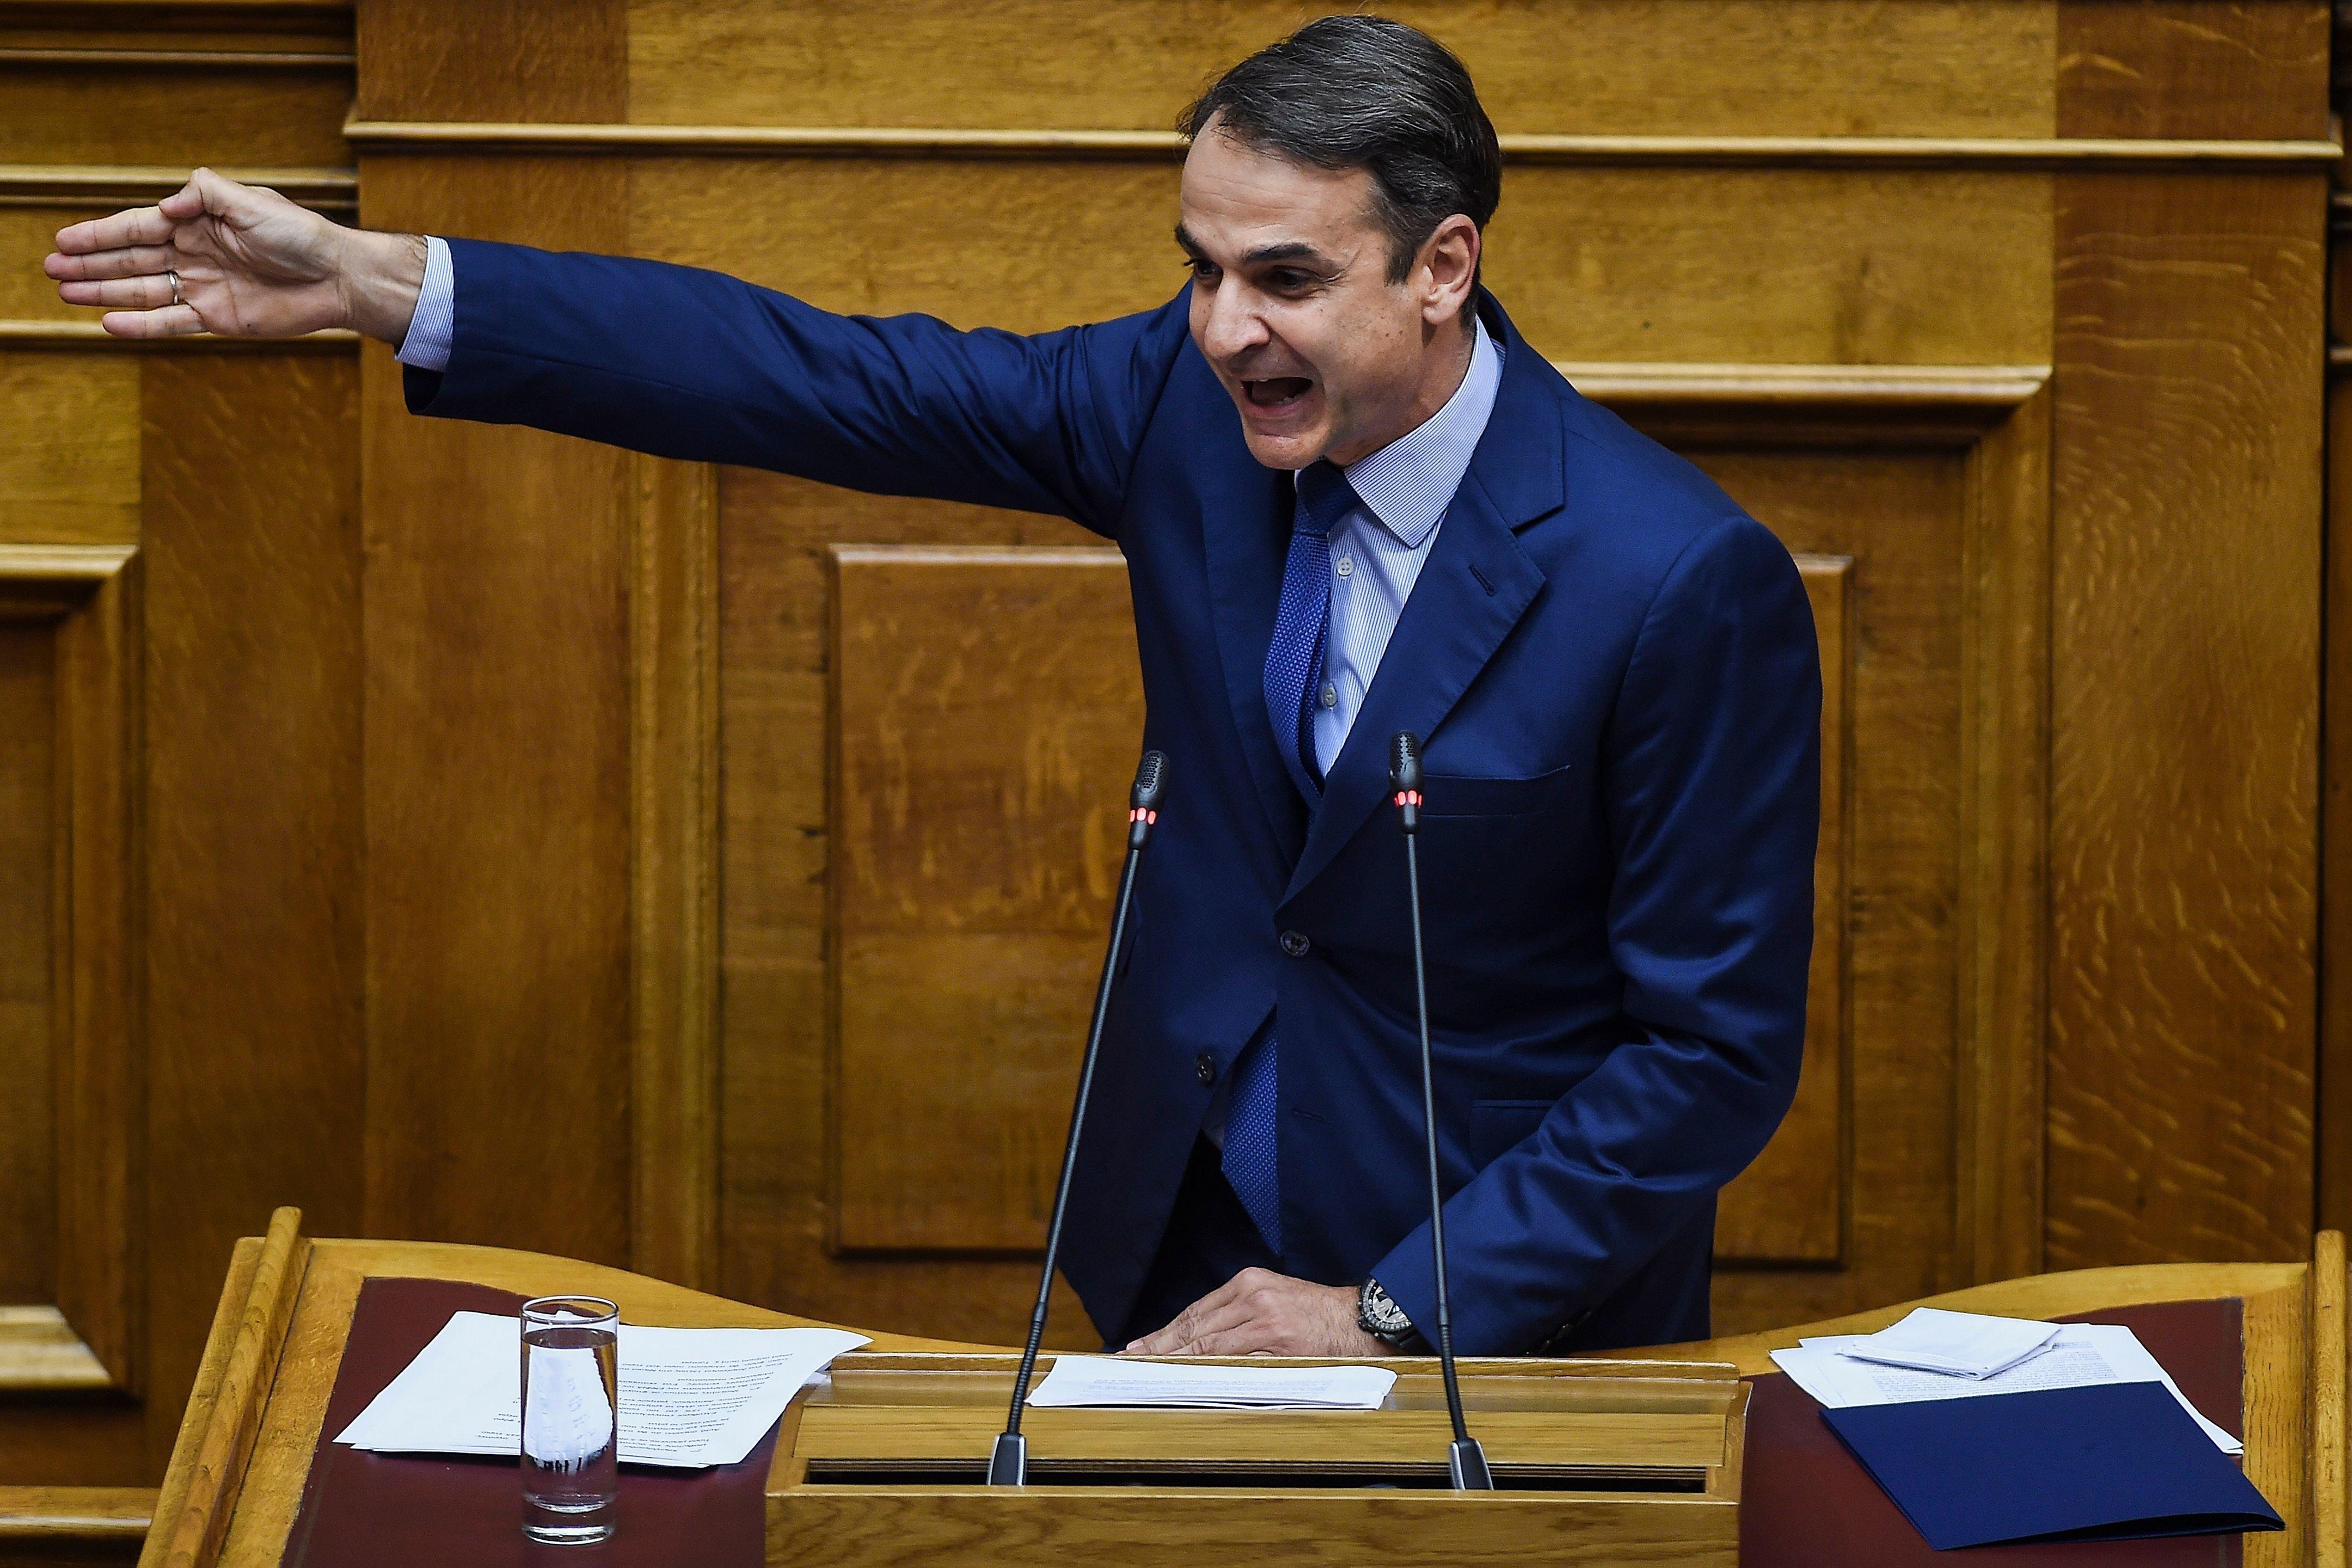 Προσπάθεια αιφνιδιασμού Τσίπρα από Μητσοτάκη: Καταθέτω τροπολογία για μη μείωση των συντάξεων, έλατε...